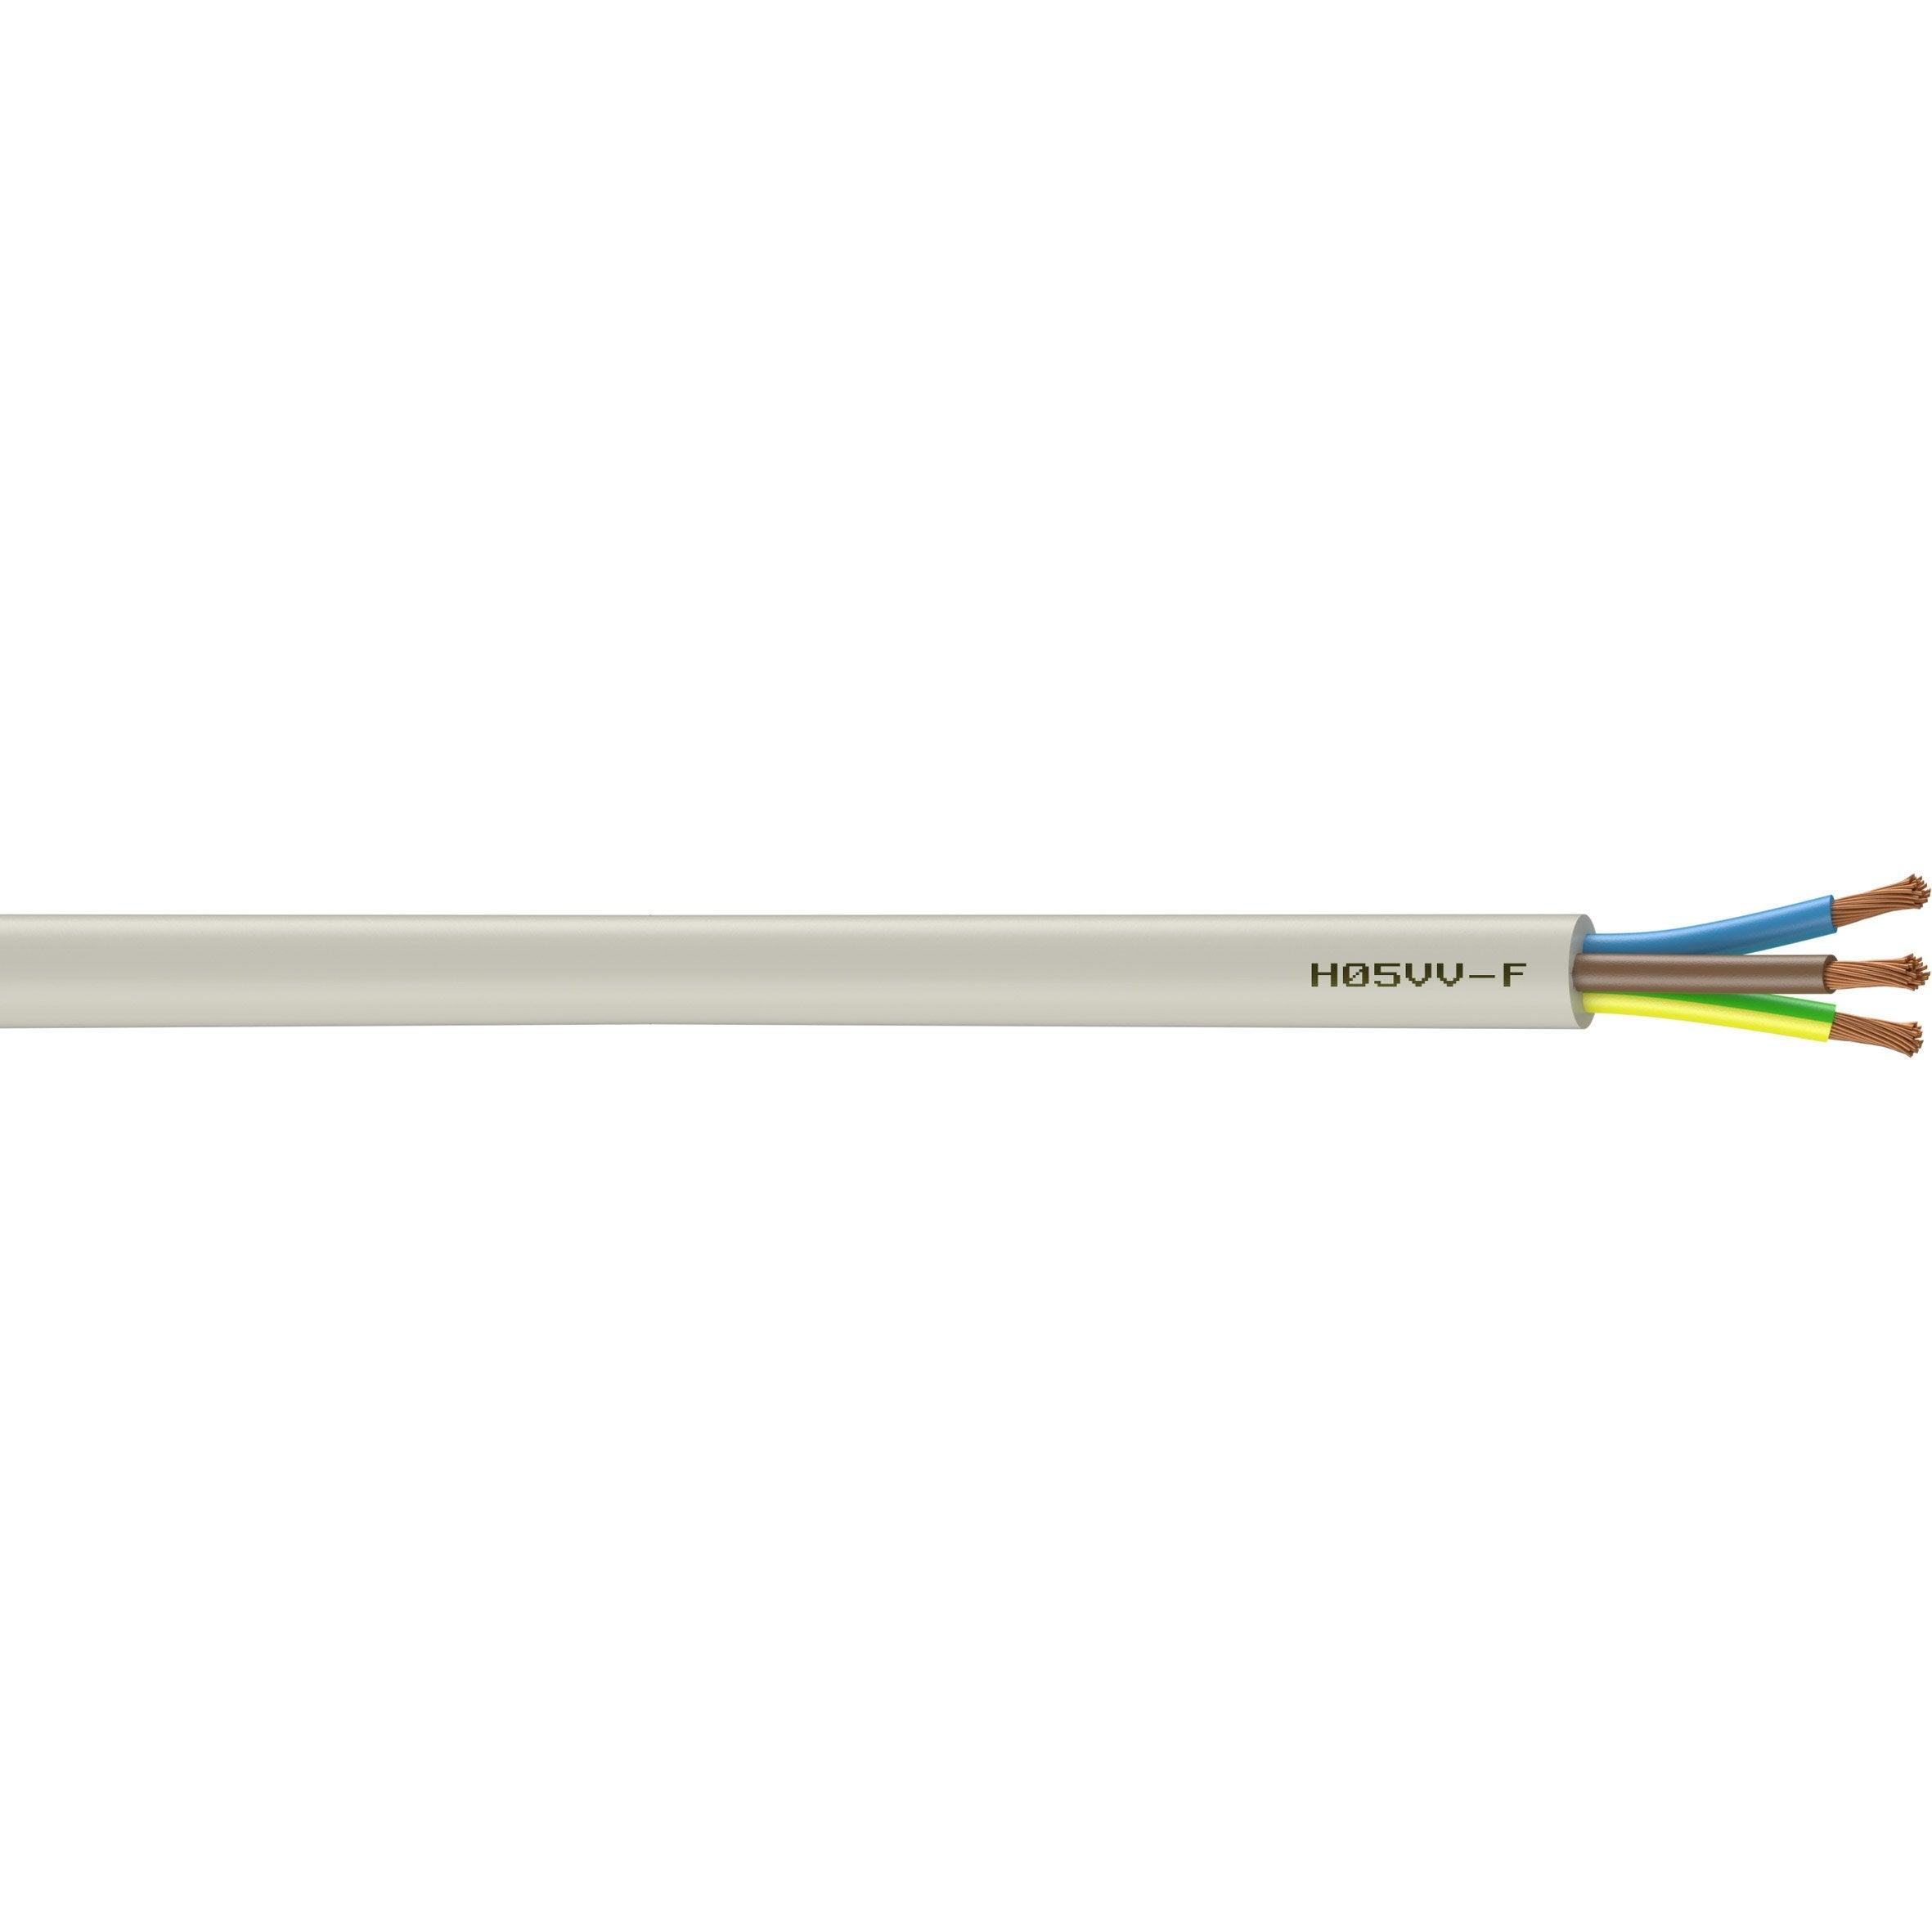 câble électrique 3 g 15 mm² ho5vvf l5 m blanc  leroy